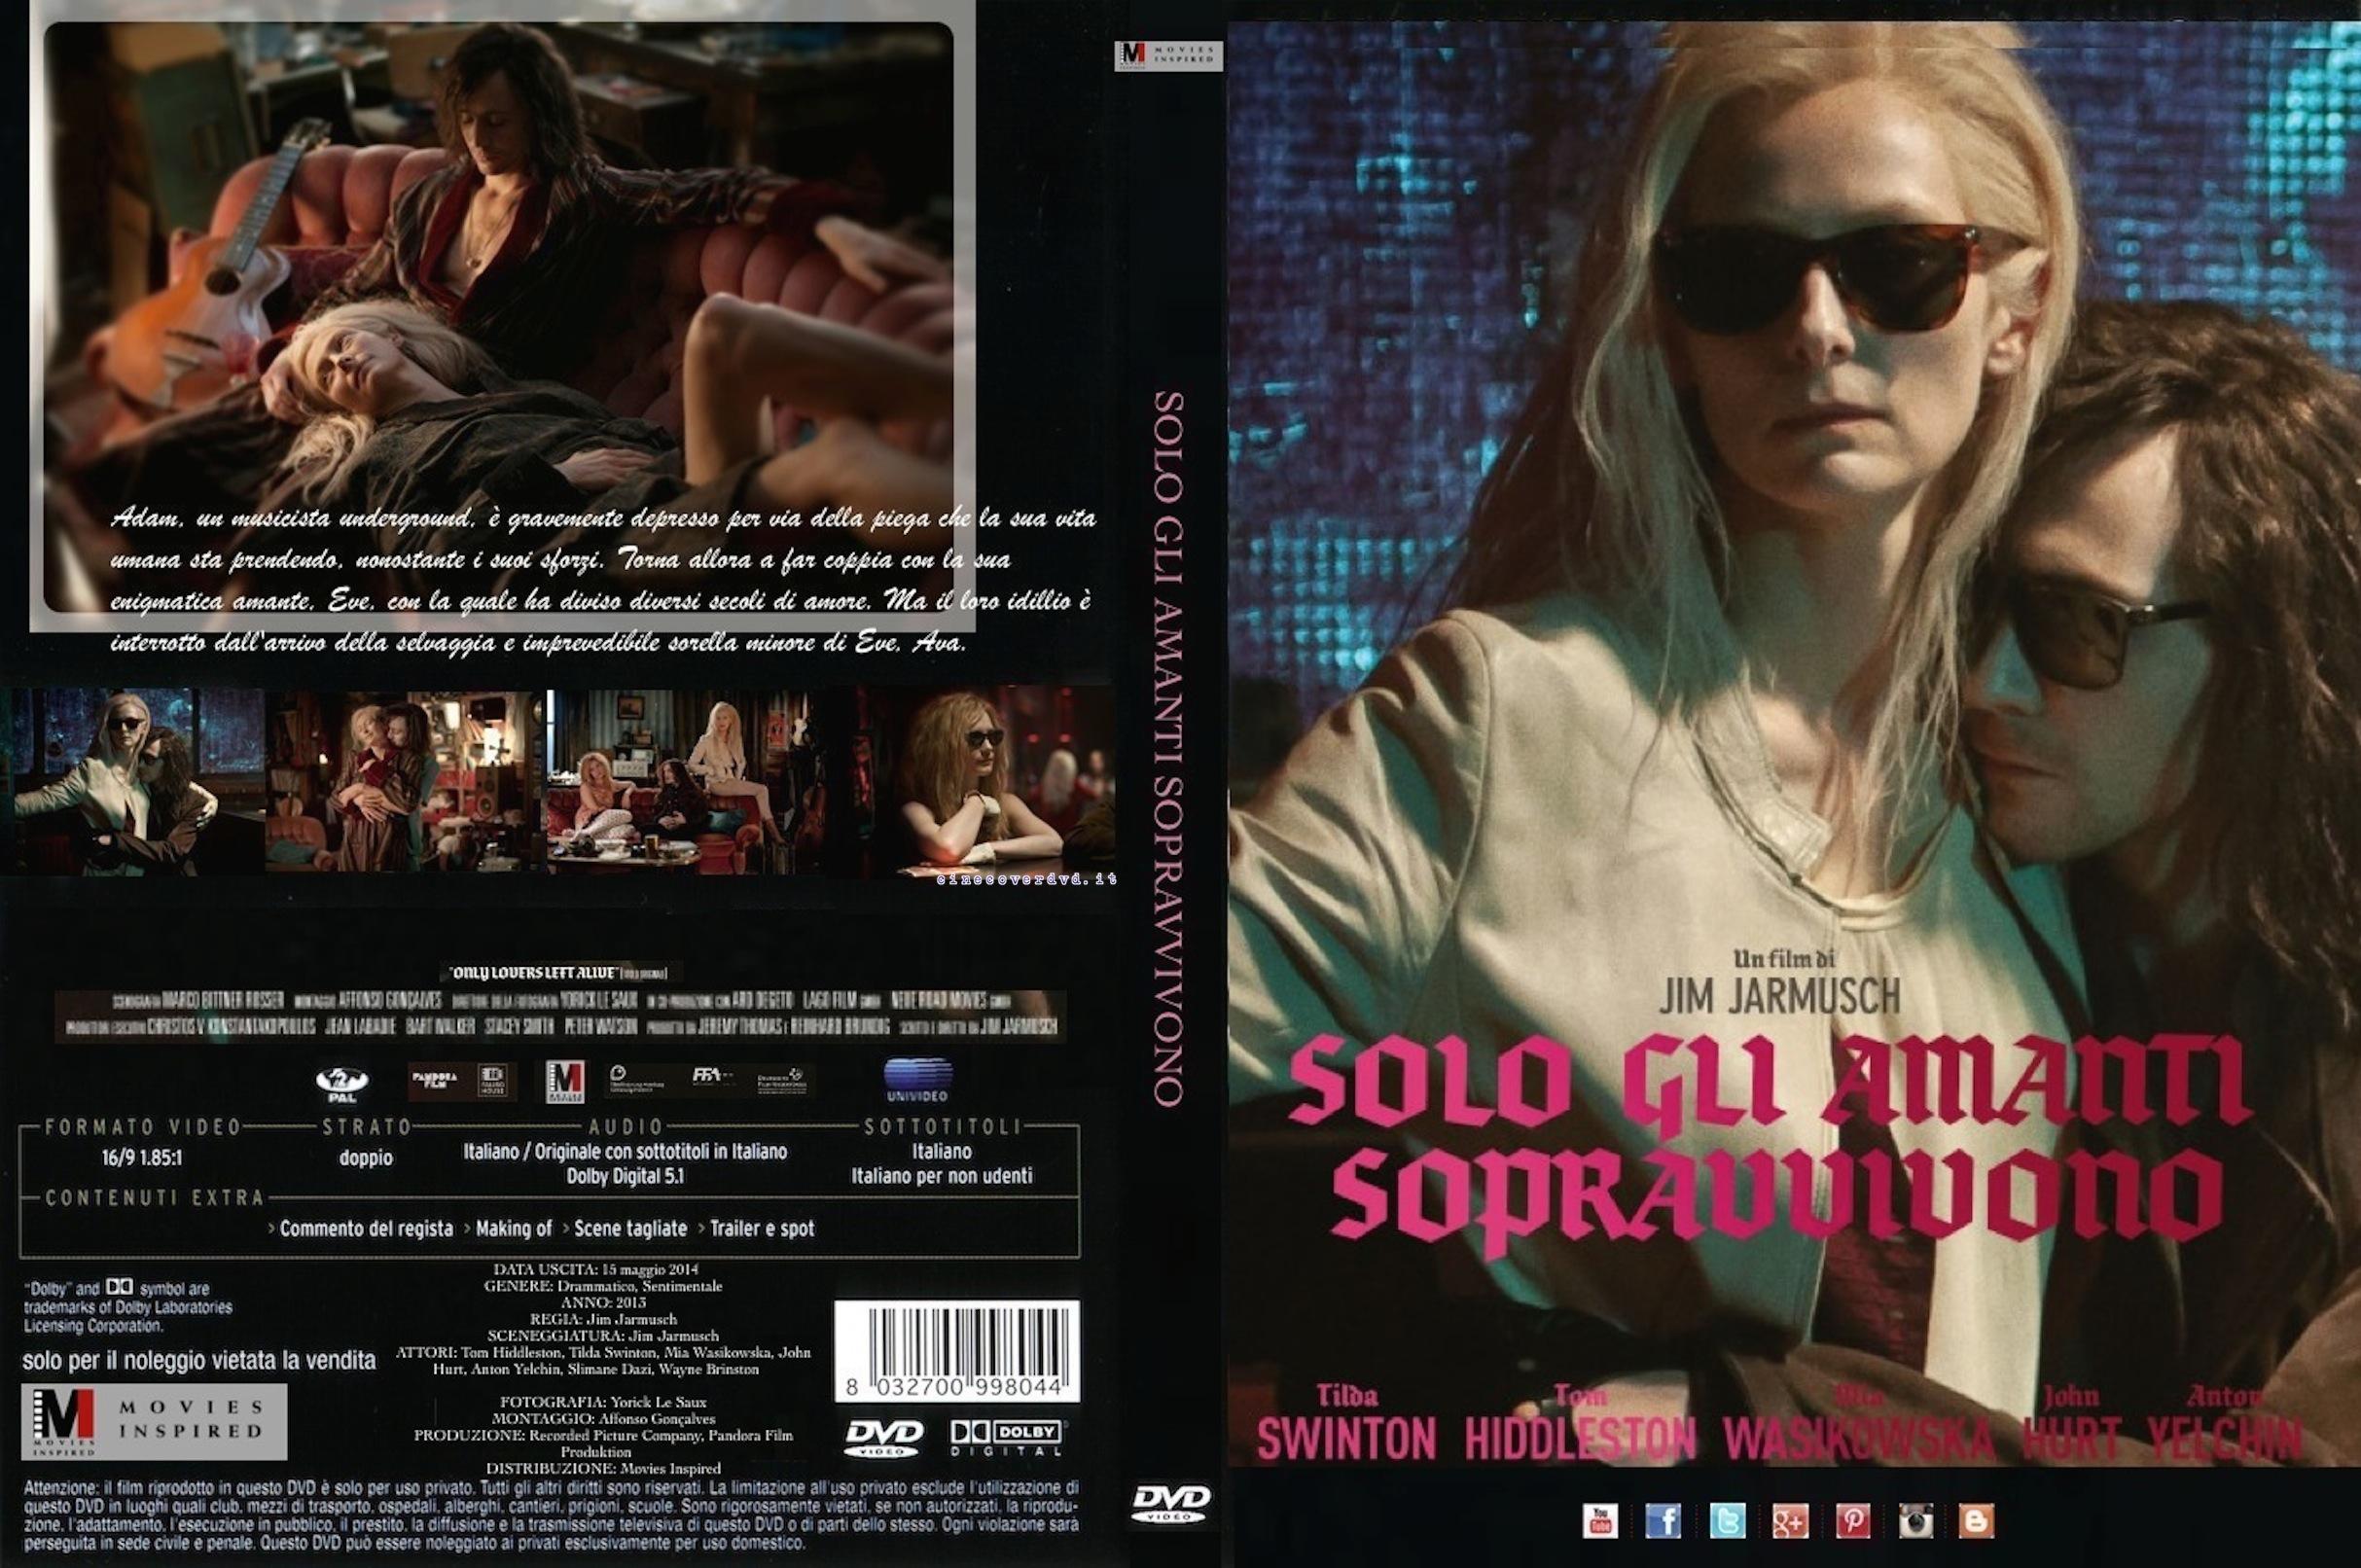 Solo-Gli-Amanti-Sopravvivono-2014-Front-CUSTOM-by-cinecoverdvd.it_